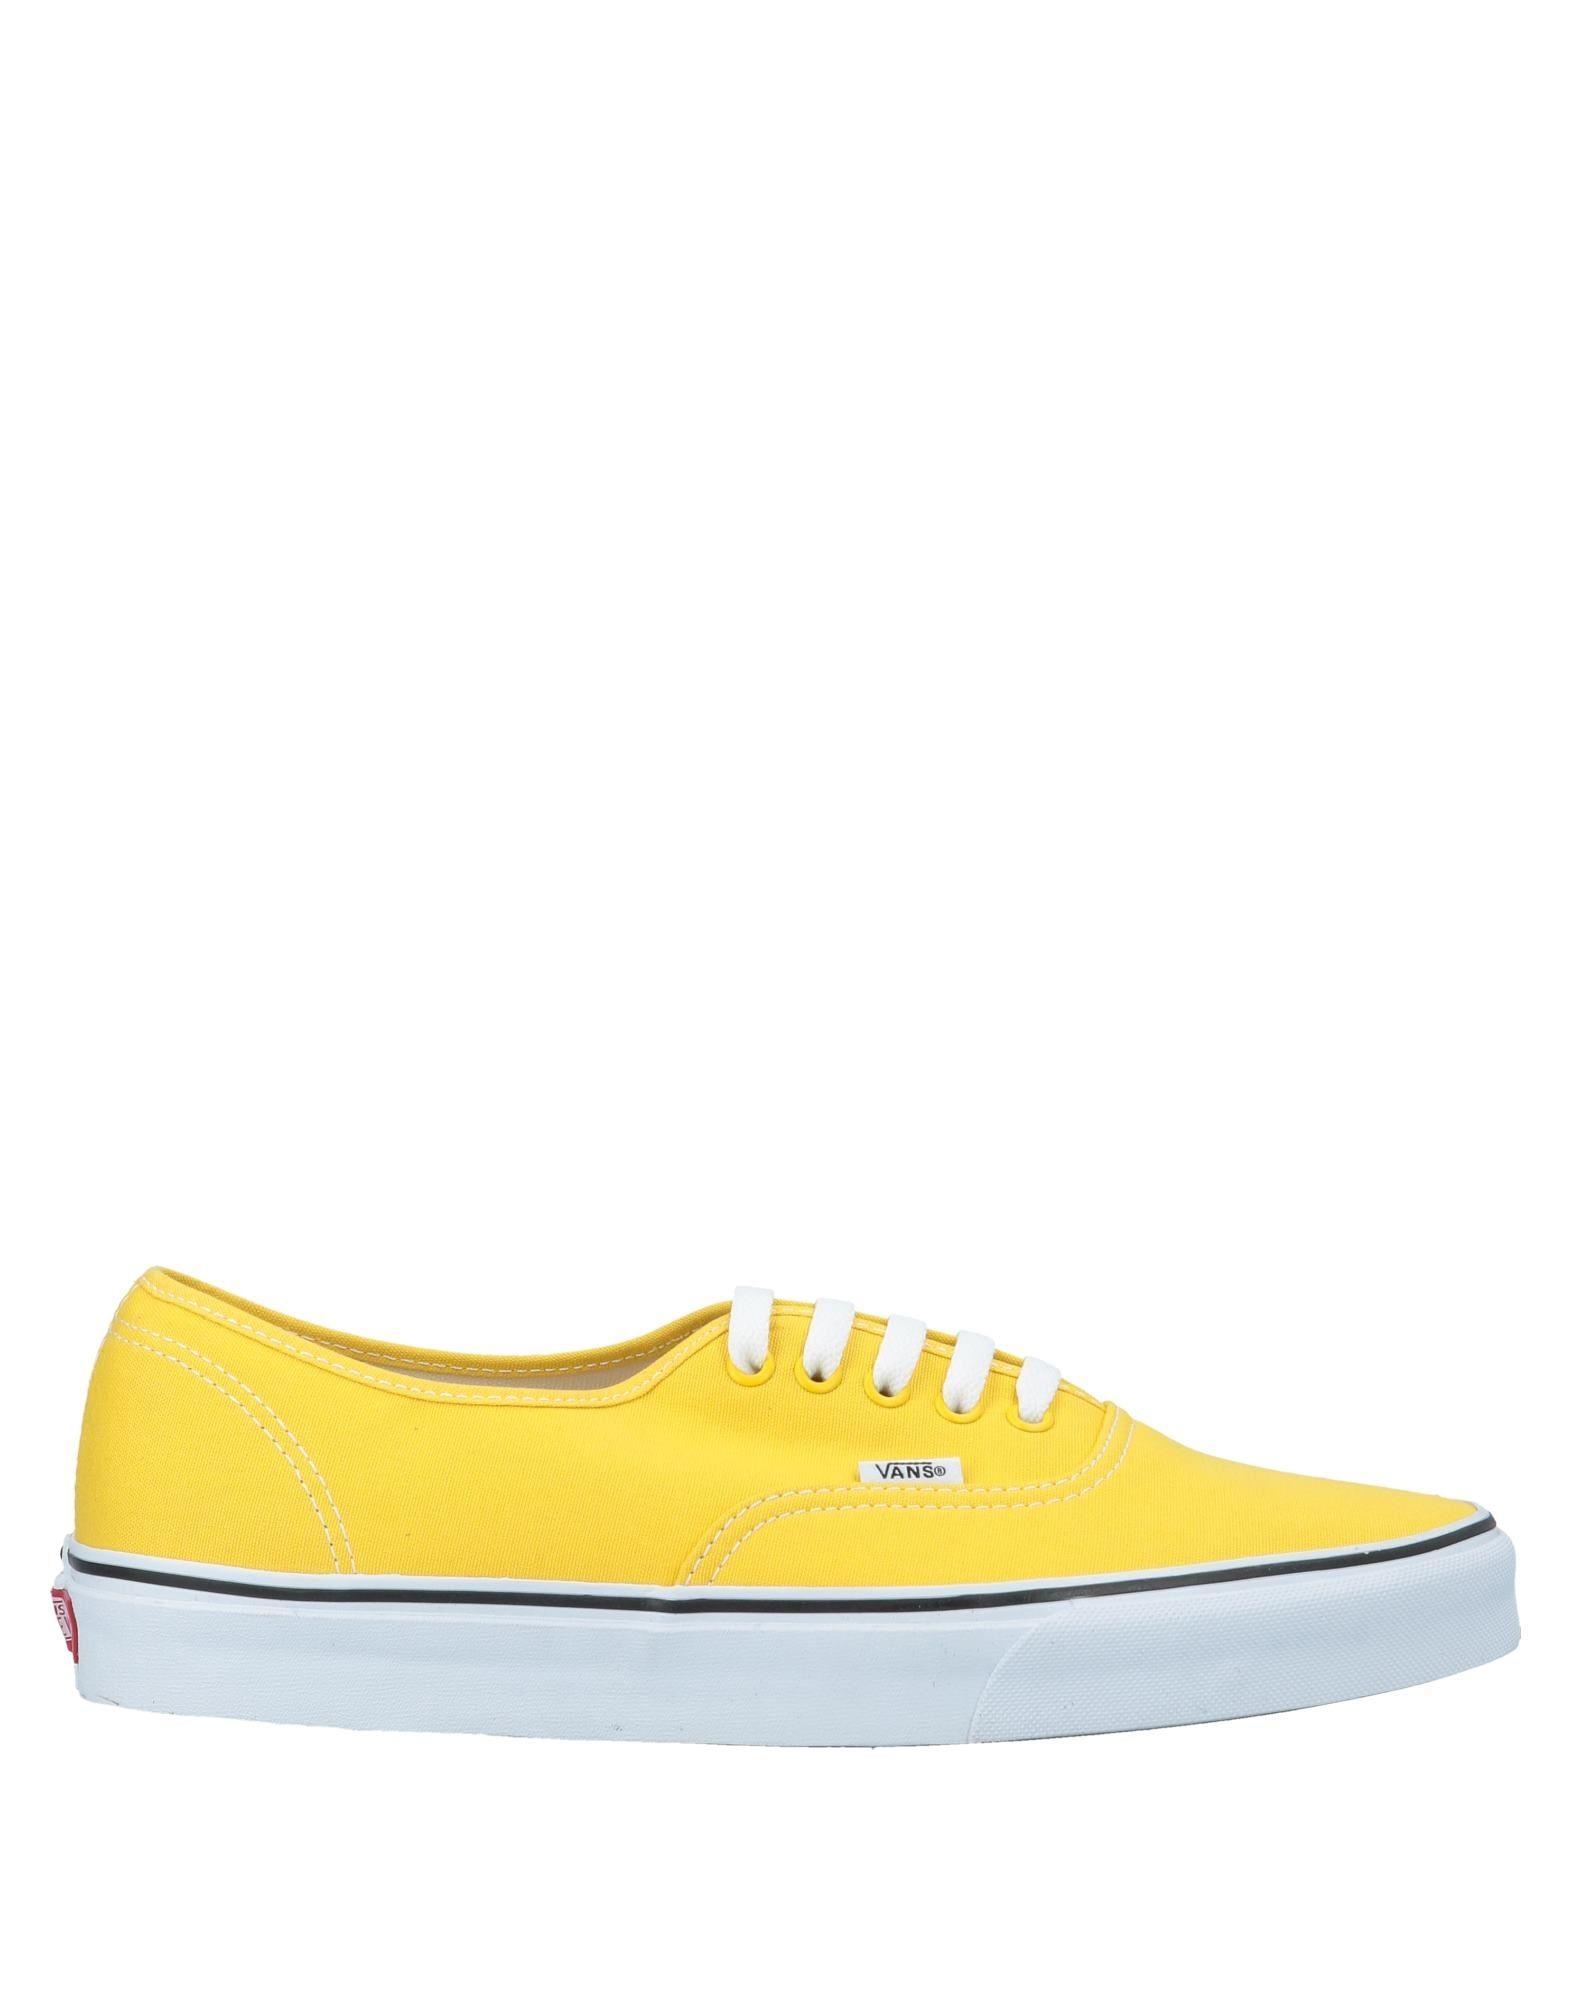 Фото - VANS Низкие кеды и кроссовки кеды мужские vans ua sk8 mid цвет белый va3wm3vp3 размер 9 5 43